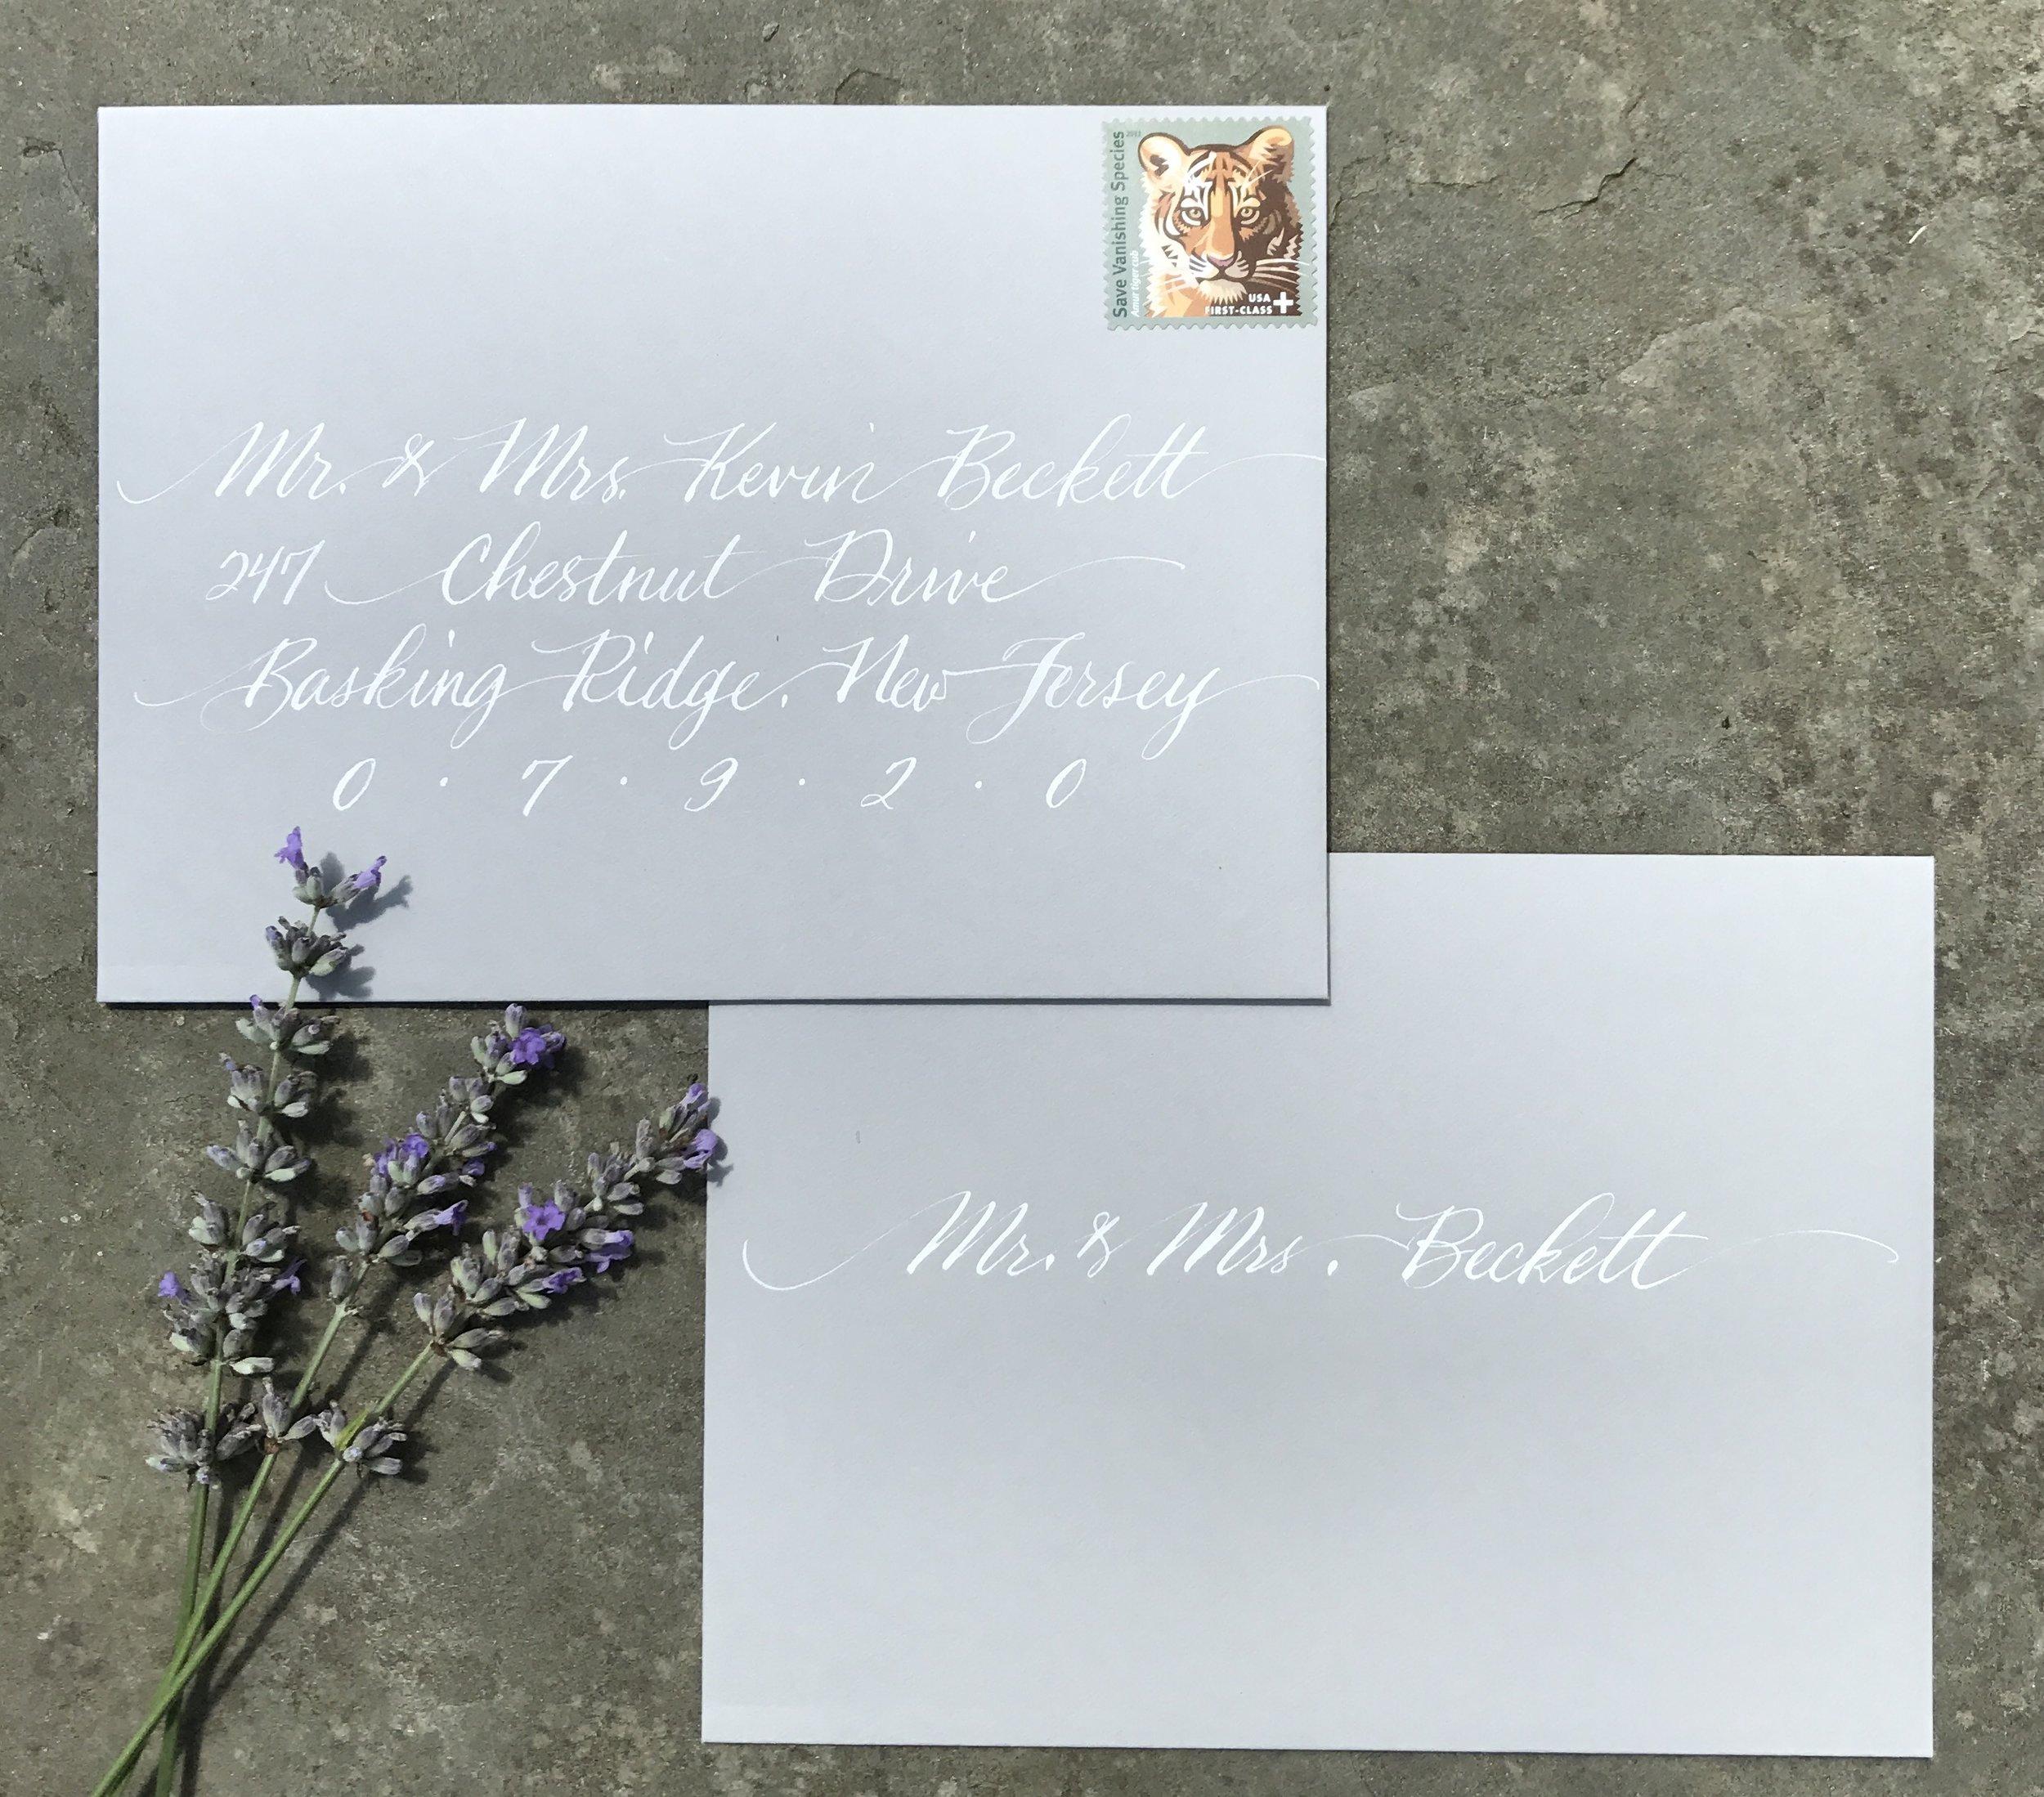 Beckett envelope.JPG